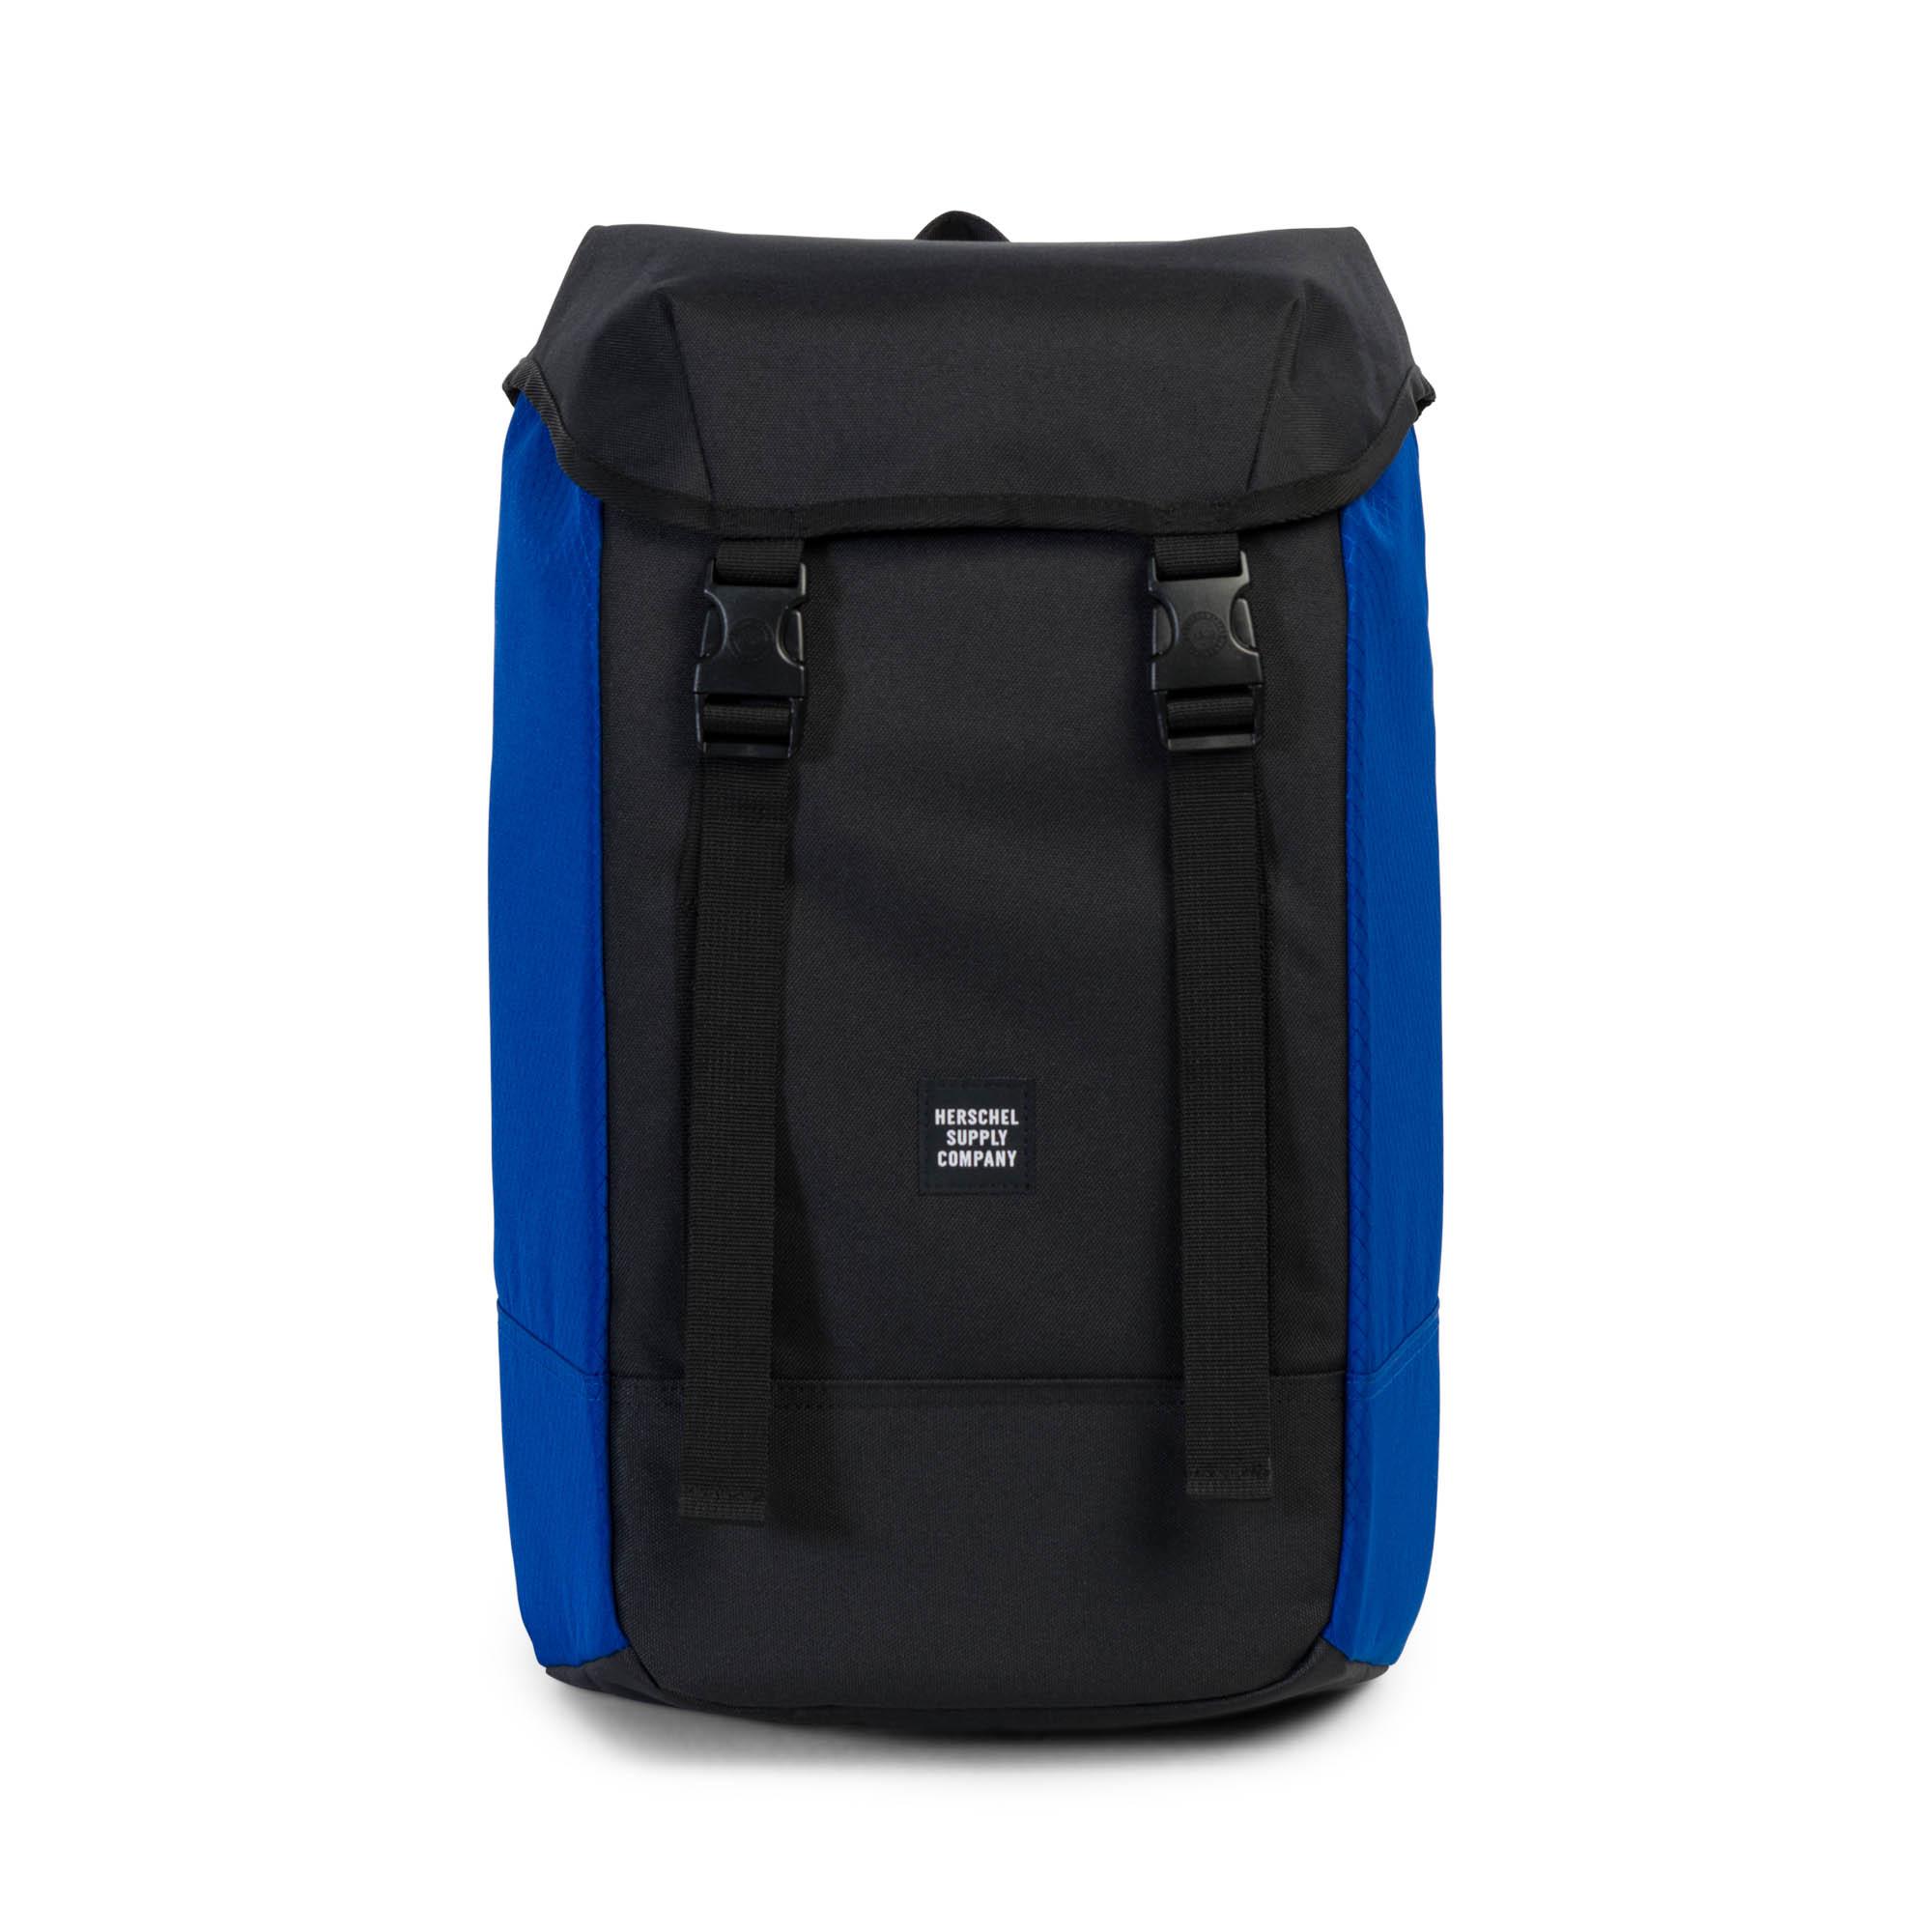 Herschel Iona Backpack - Black / Surf The Web